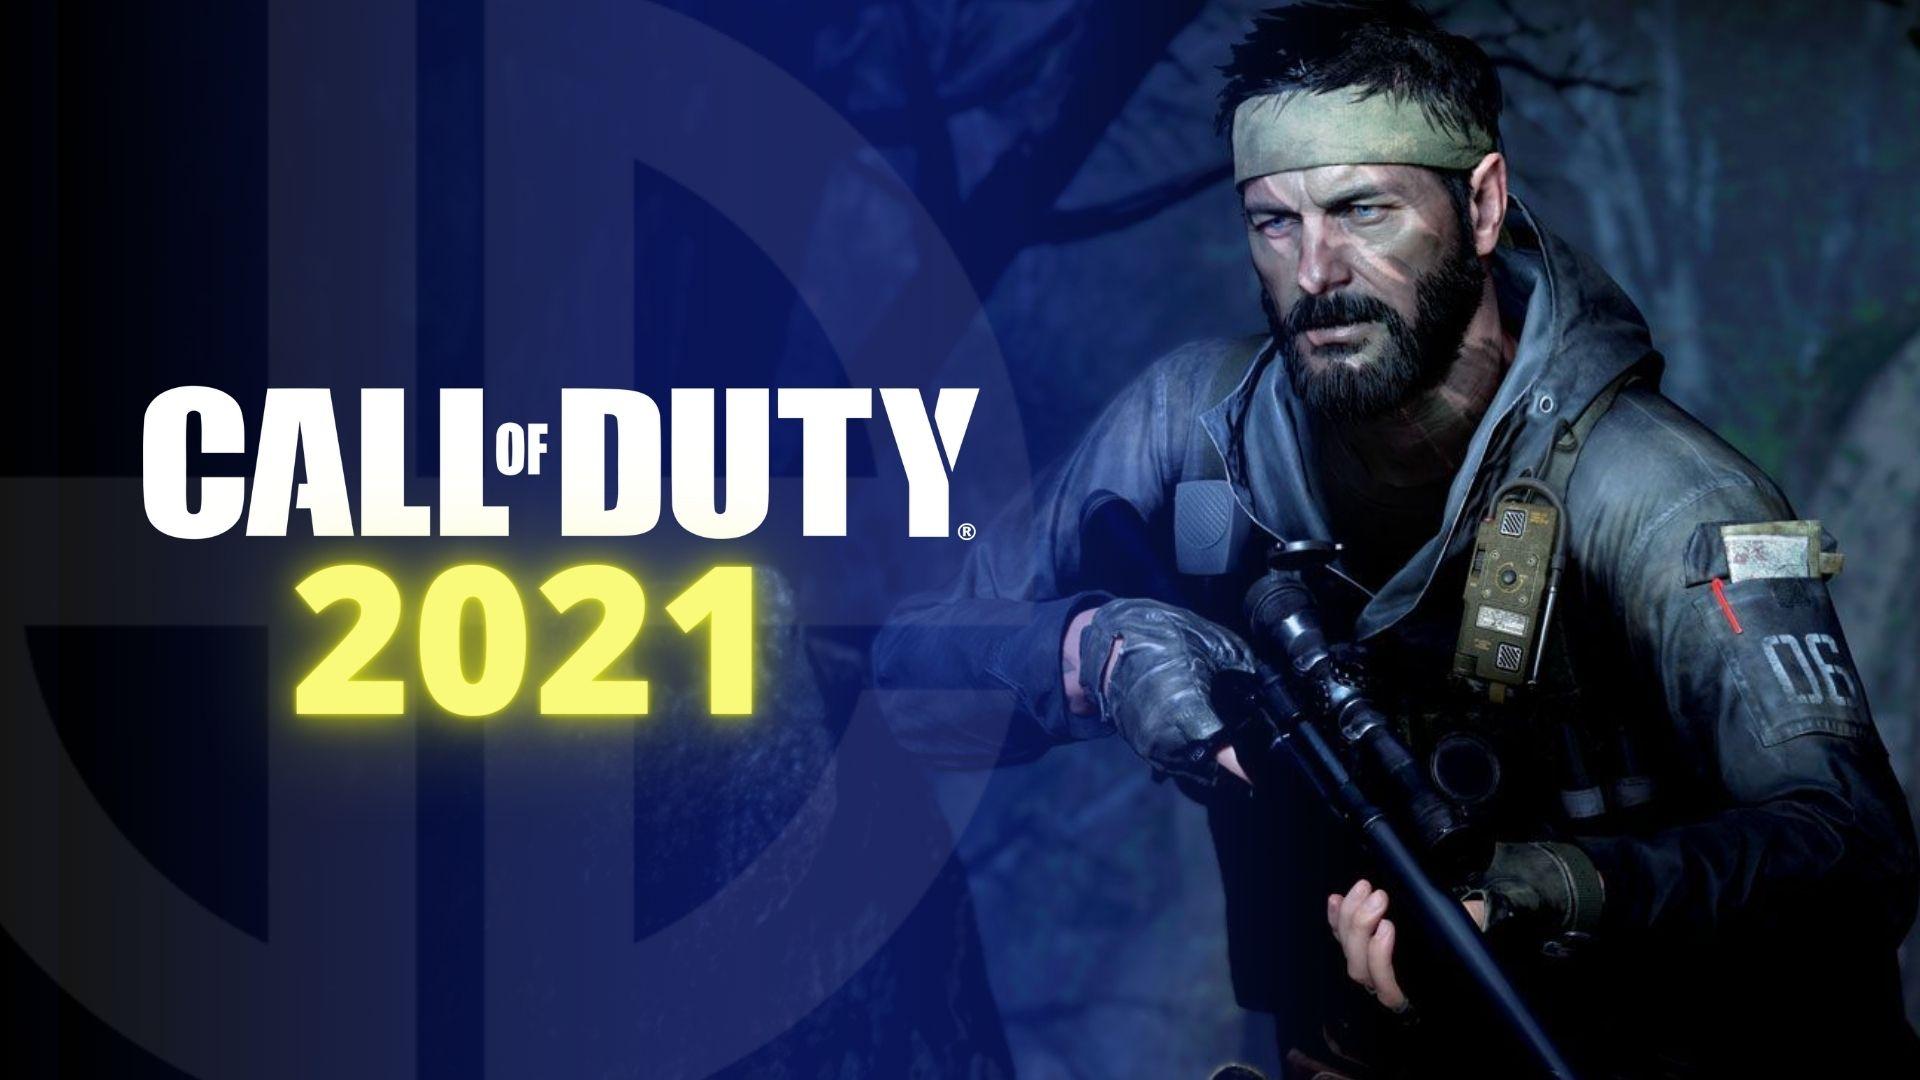 Tout ce que l'on sait jusqu'à présent sur Call of Duty 2021